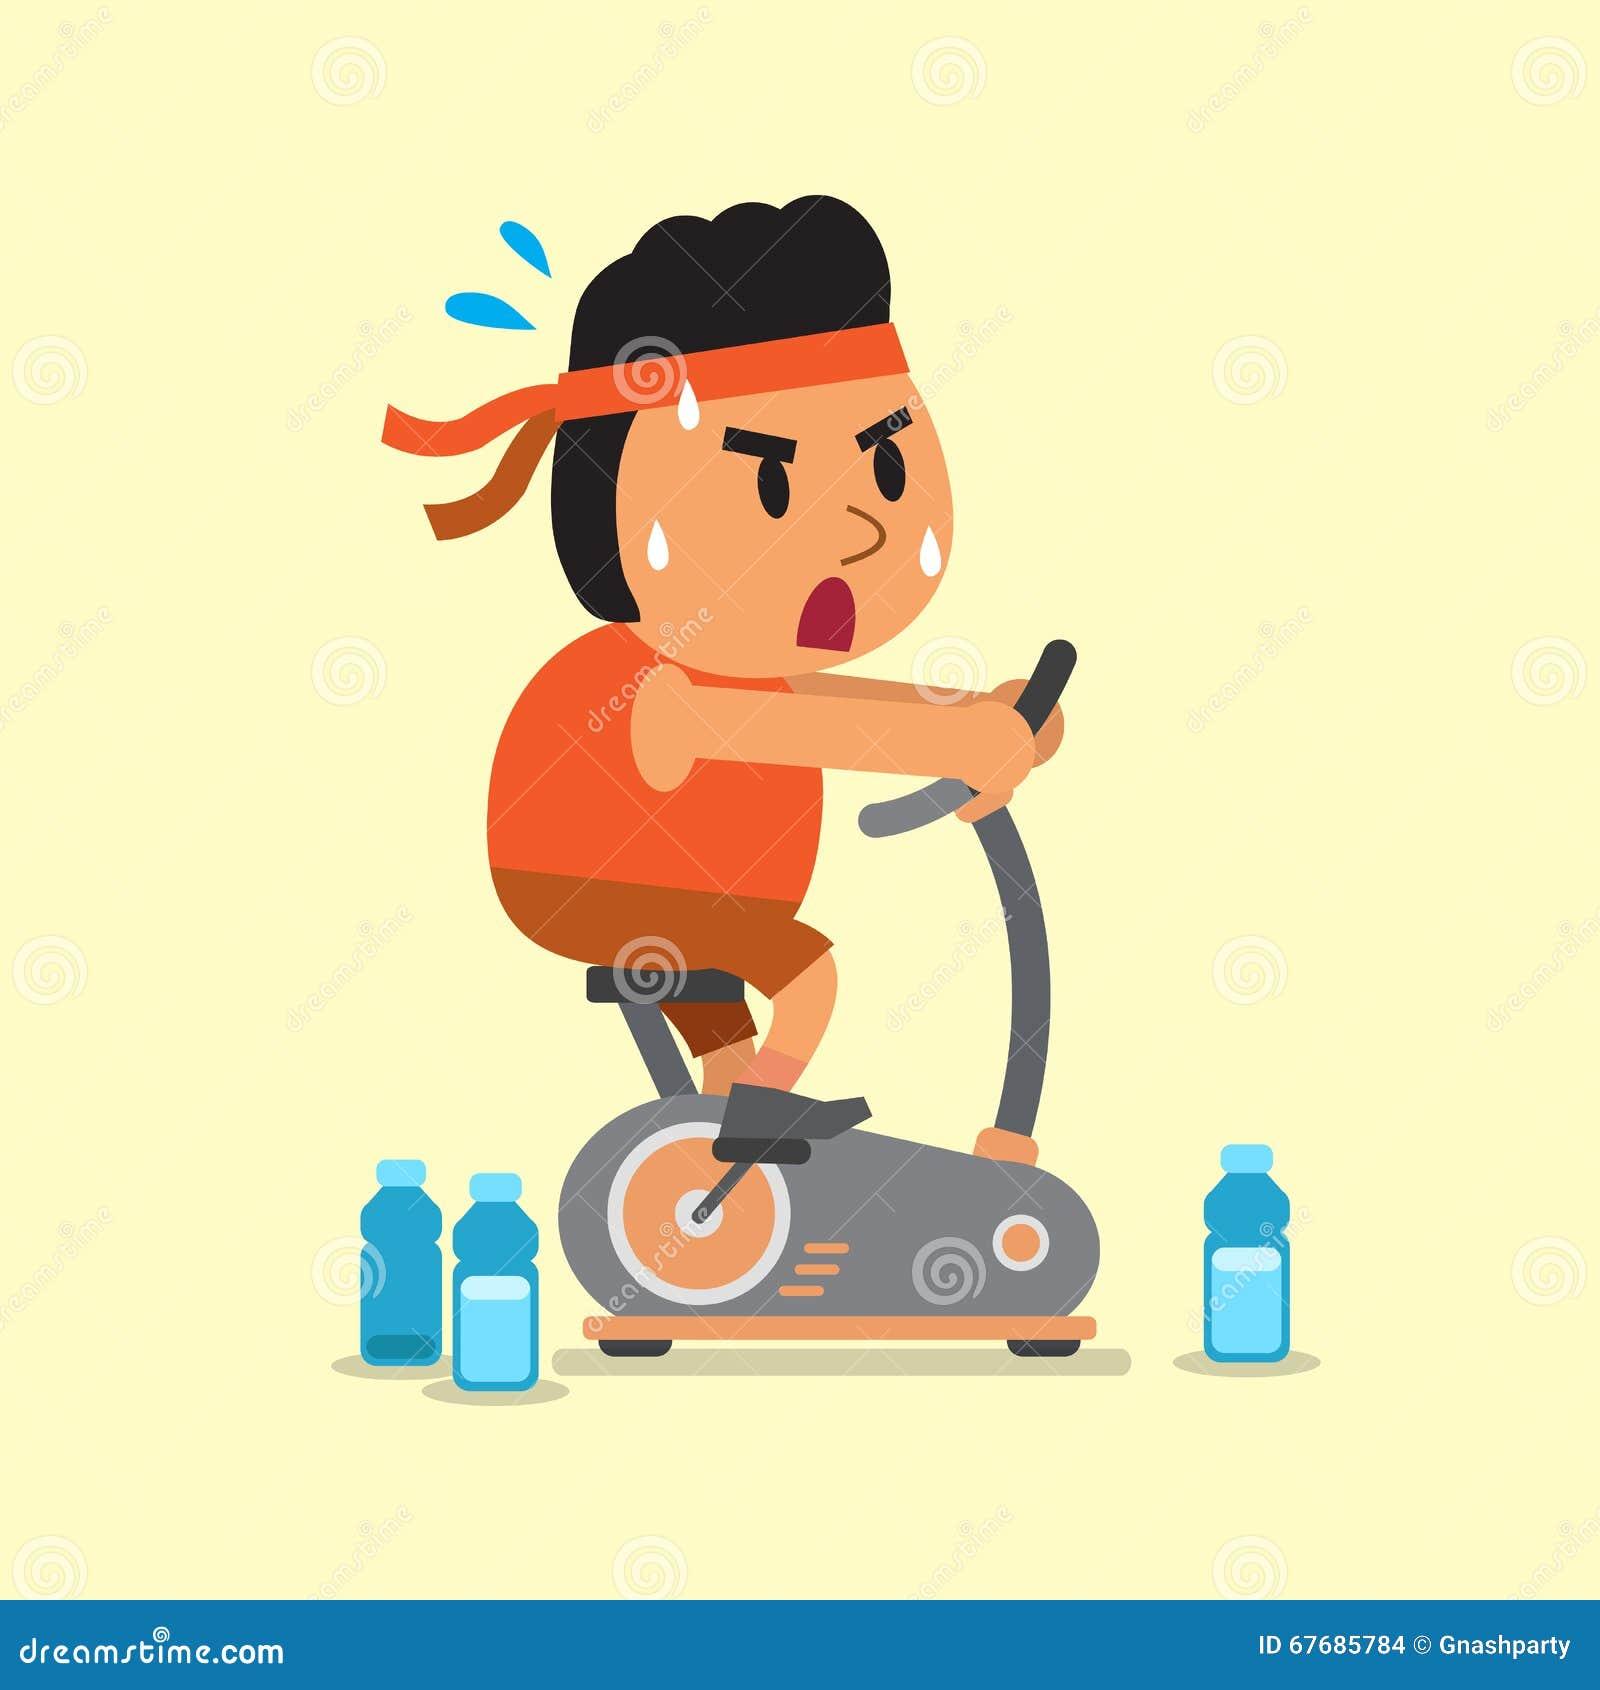 Cartoon A Fat Man Riding Exercise Bike Stock Vector